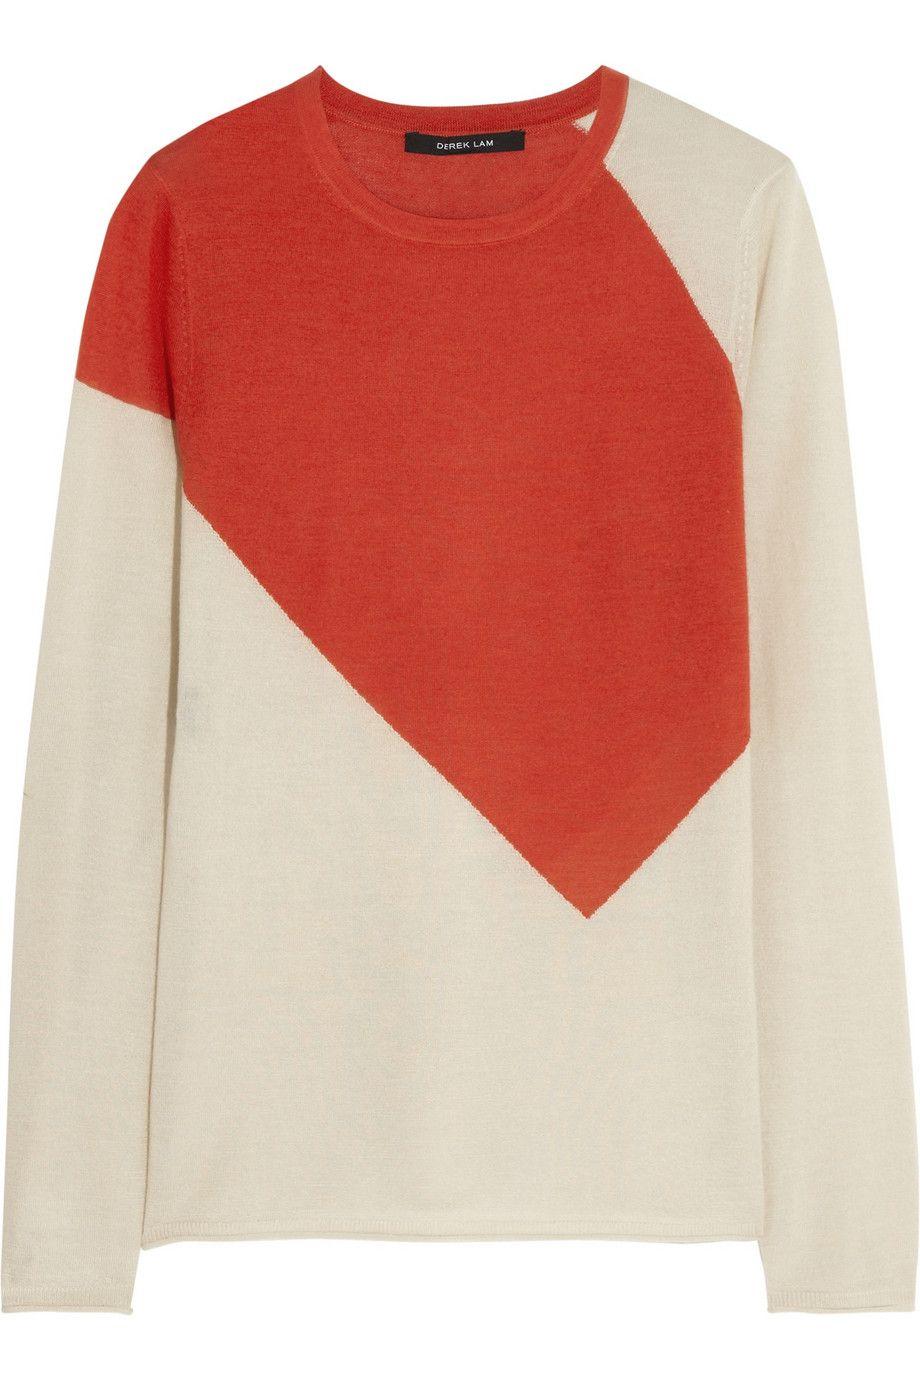 Derek LamColor Cashmere Net Blend Block And A Silk Sweater CshQoxtdBr